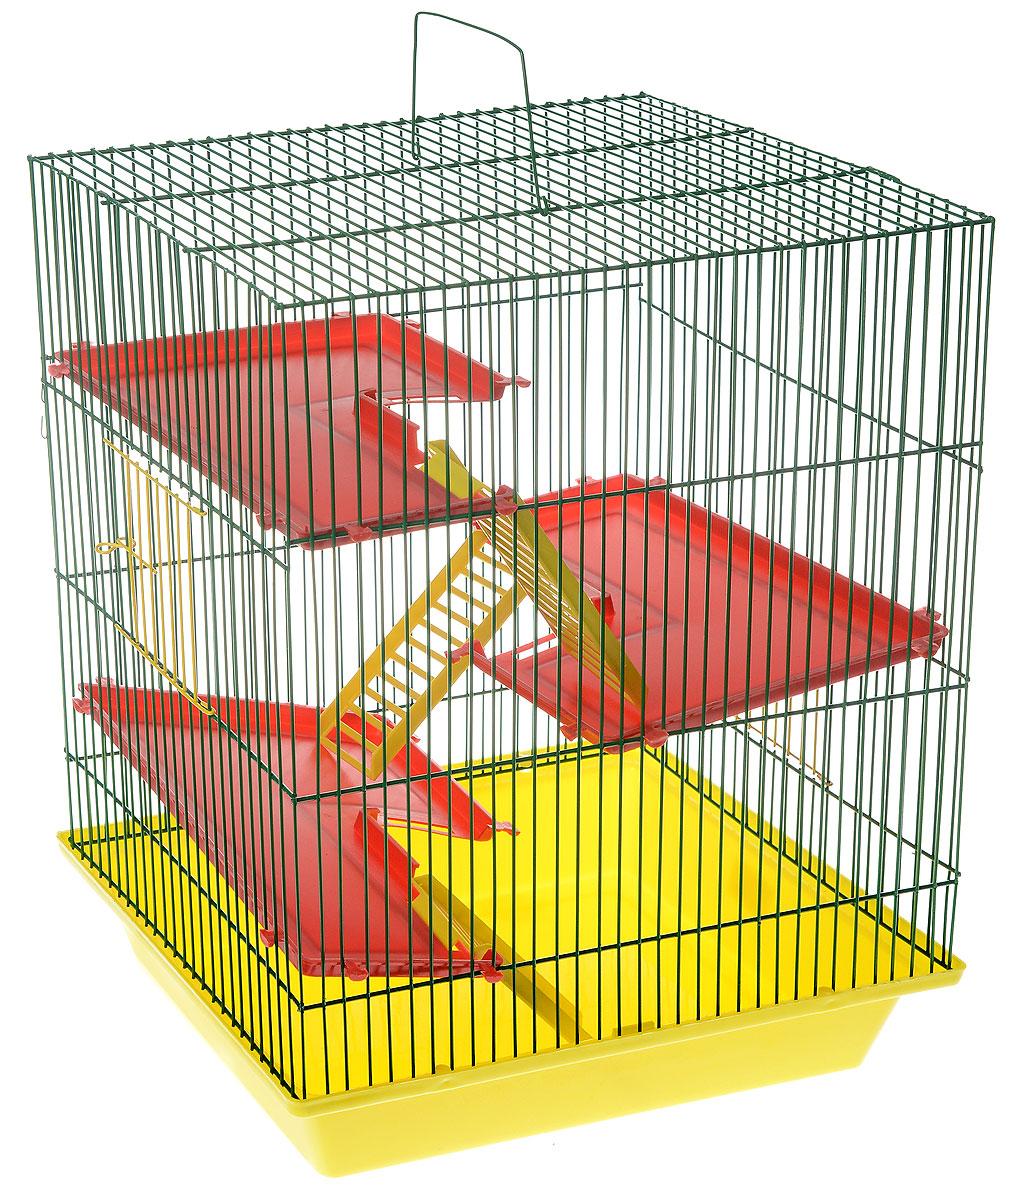 Клетка для грызунов ЗооМарк Гризли, 4-этажная, цвет: желтый поддон, зеленая решетка, красные этажи, 41 х 30 х 50 см240_желтый, зеленыйКлетка ЗооМарк Гризли, выполненная из полипропилена и металла, подходит для мелких грызунов. Изделие четырехэтажное. Клетка имеет яркий поддон, удобна в использовании и легко чистится. Сверху имеется ручка для переноски. Такая клетка станет уединенным личным пространством и уютным домиком для маленького грызуна.